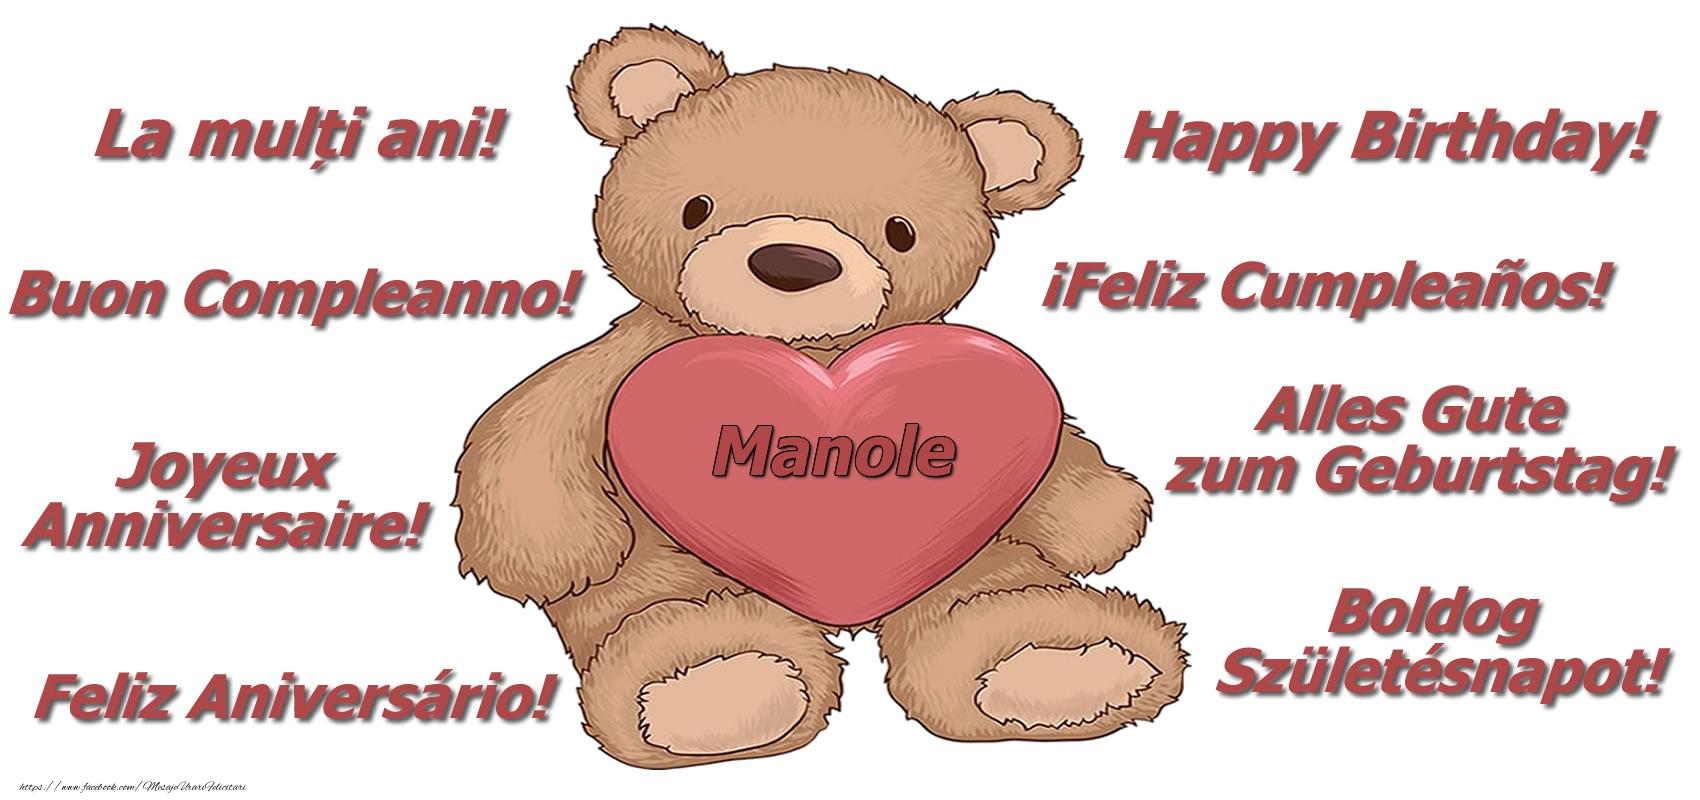 Felicitari de zi de nastere - La multi ani Manole! - Ursulet